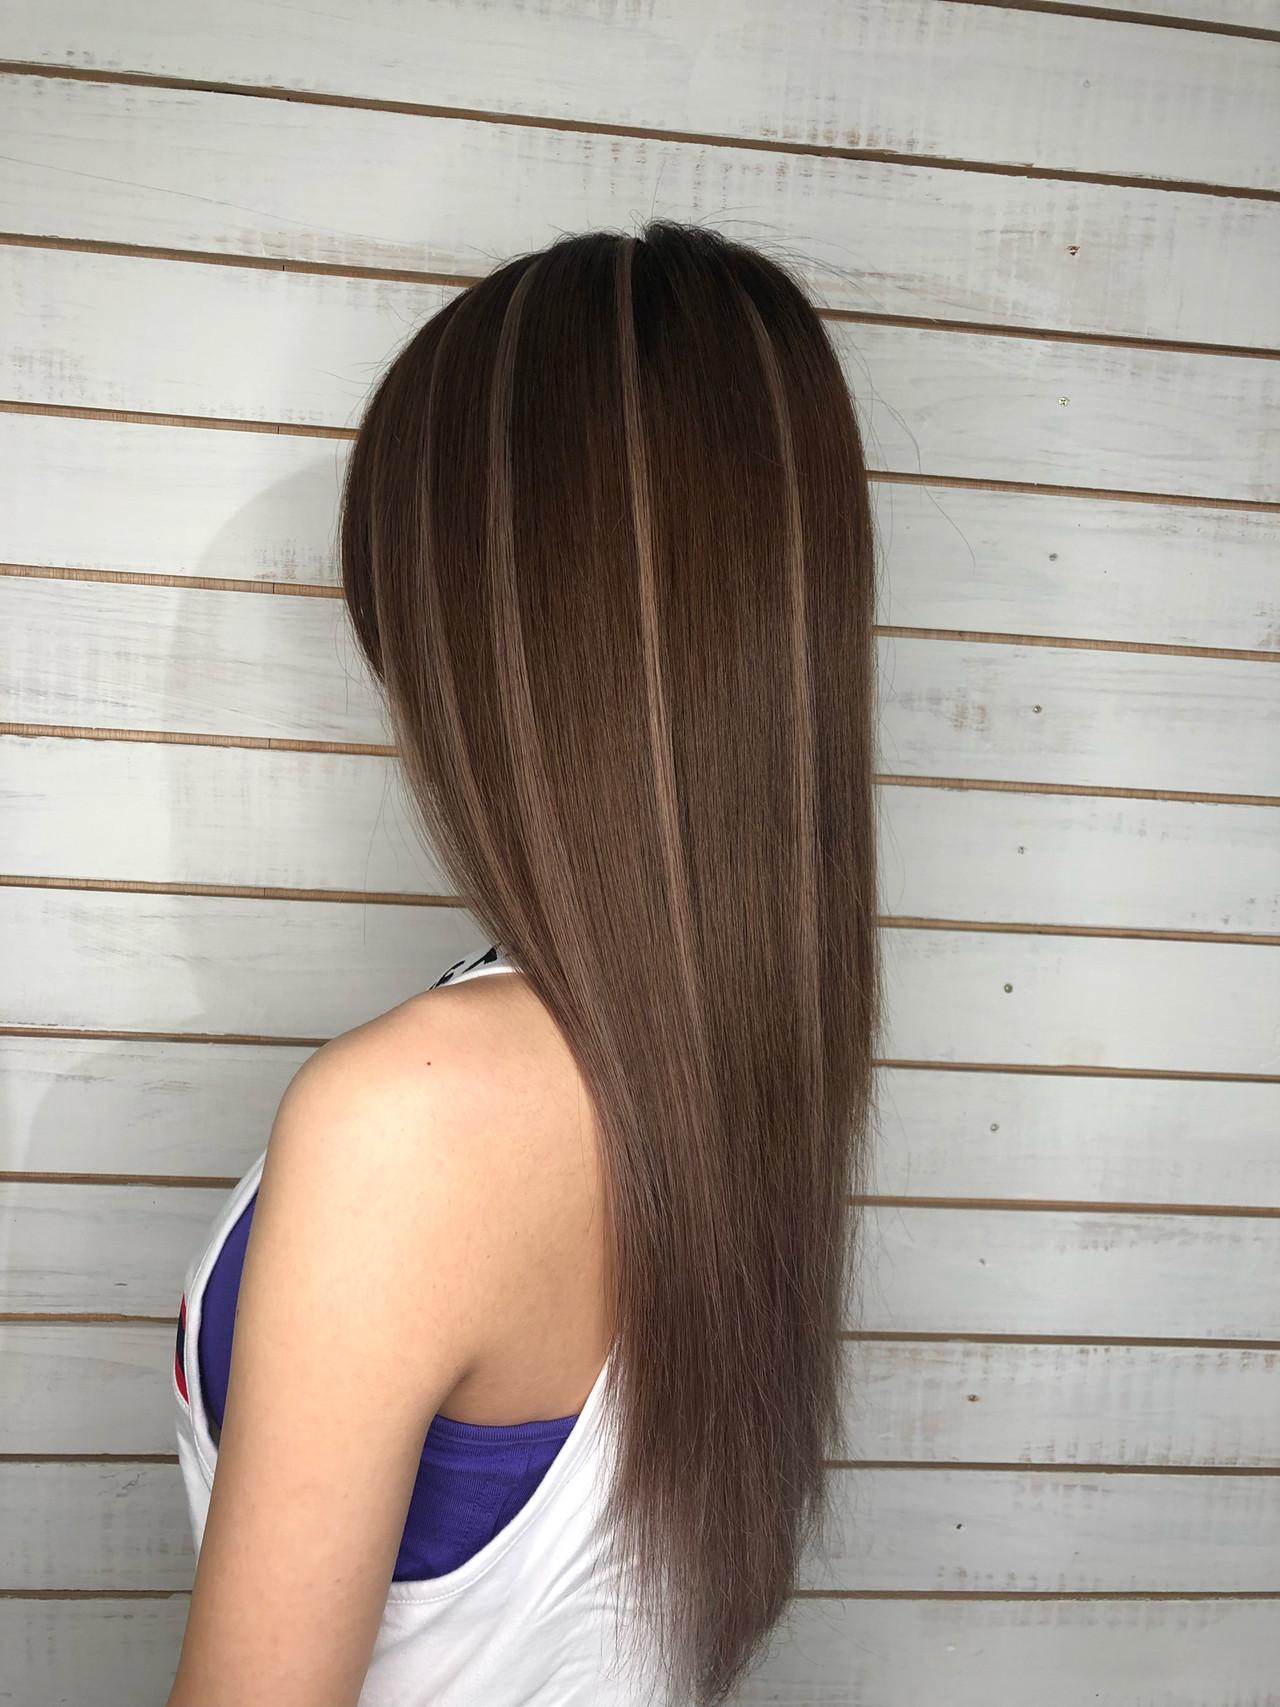 ハイライト ガーリー グラデーション ロング ヘアスタイルや髪型の写真・画像 | 市原由貴 / SKY Resort